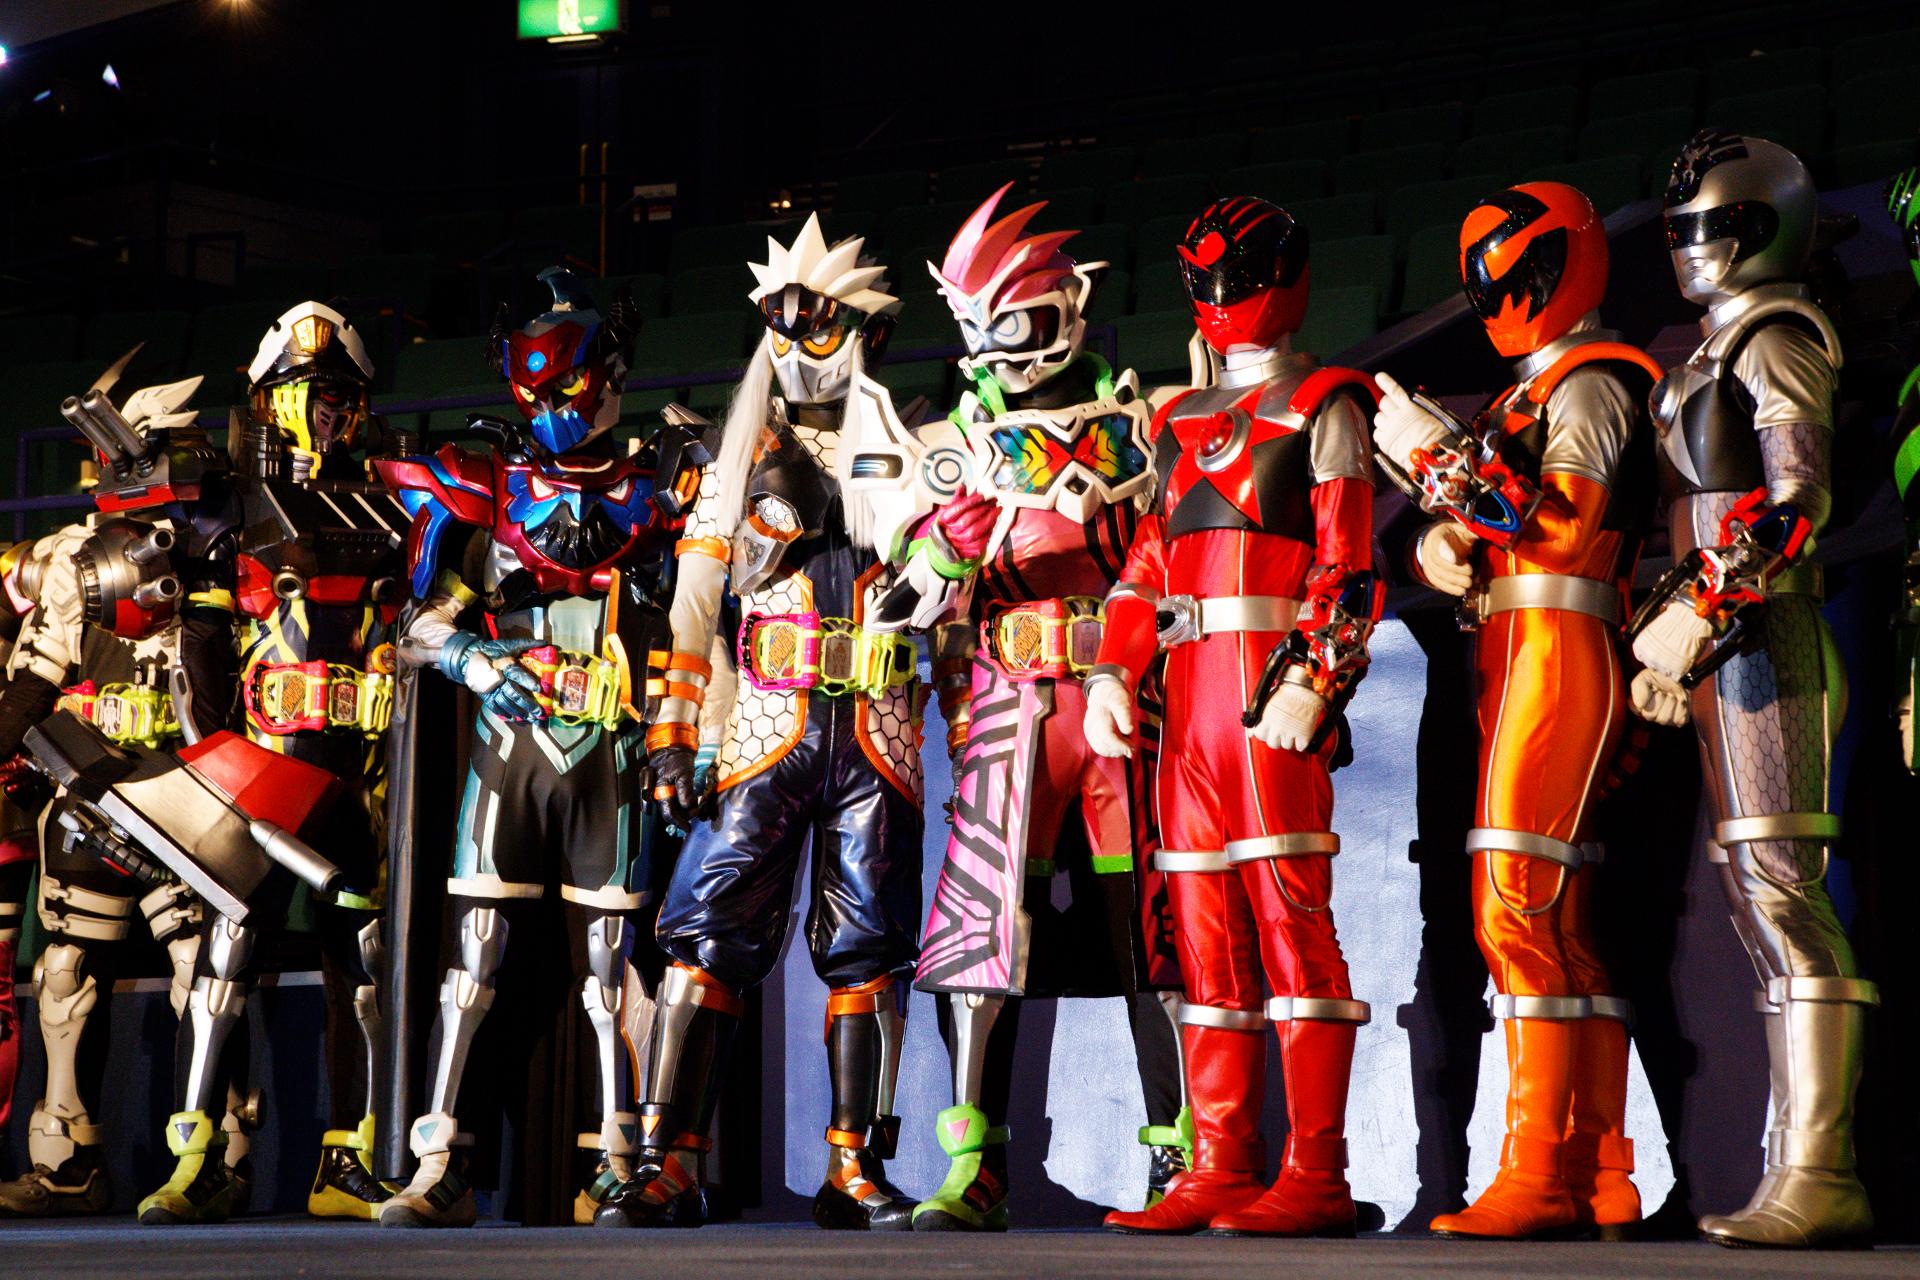 劇場版 仮面ライダーエグゼイド トゥルー・エンディングの画像 p1_37